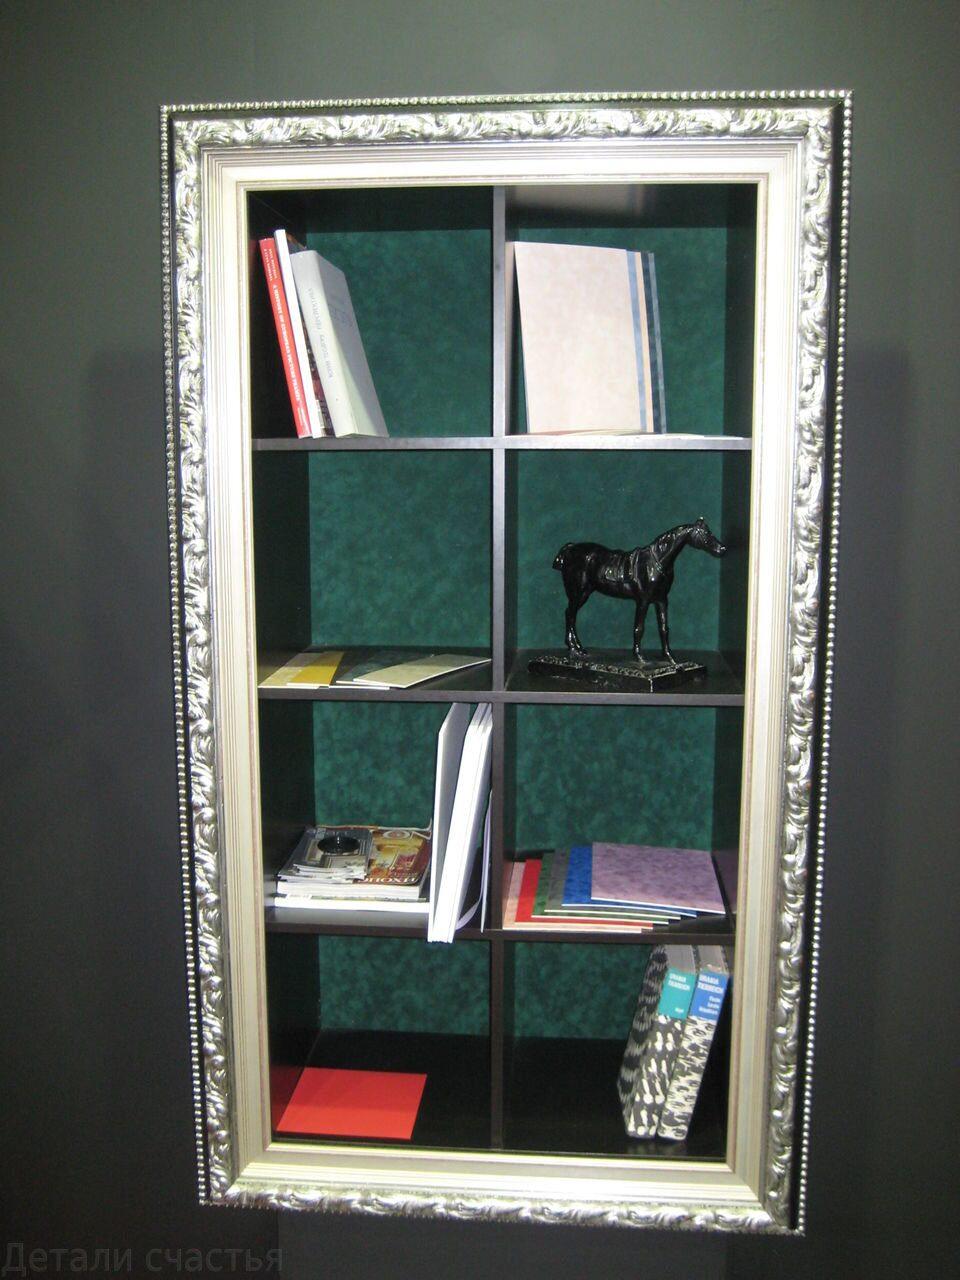 Полка для книг (под заказ клиентов). декорирование интерьеро.